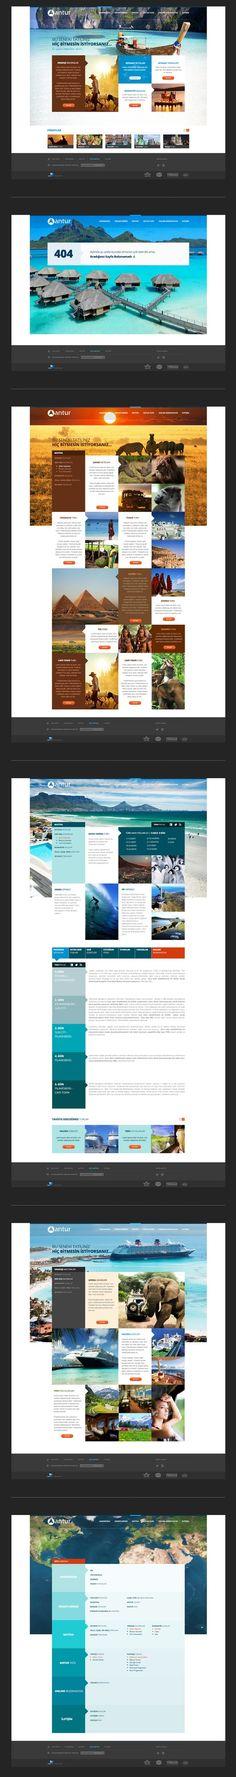 . | #webdesign #it #web #design #layout #userinterface #website #webdesign < repinned by www.BlickeDeeler.de | Take a look at www.WebsiteDesign-Hamburg.de